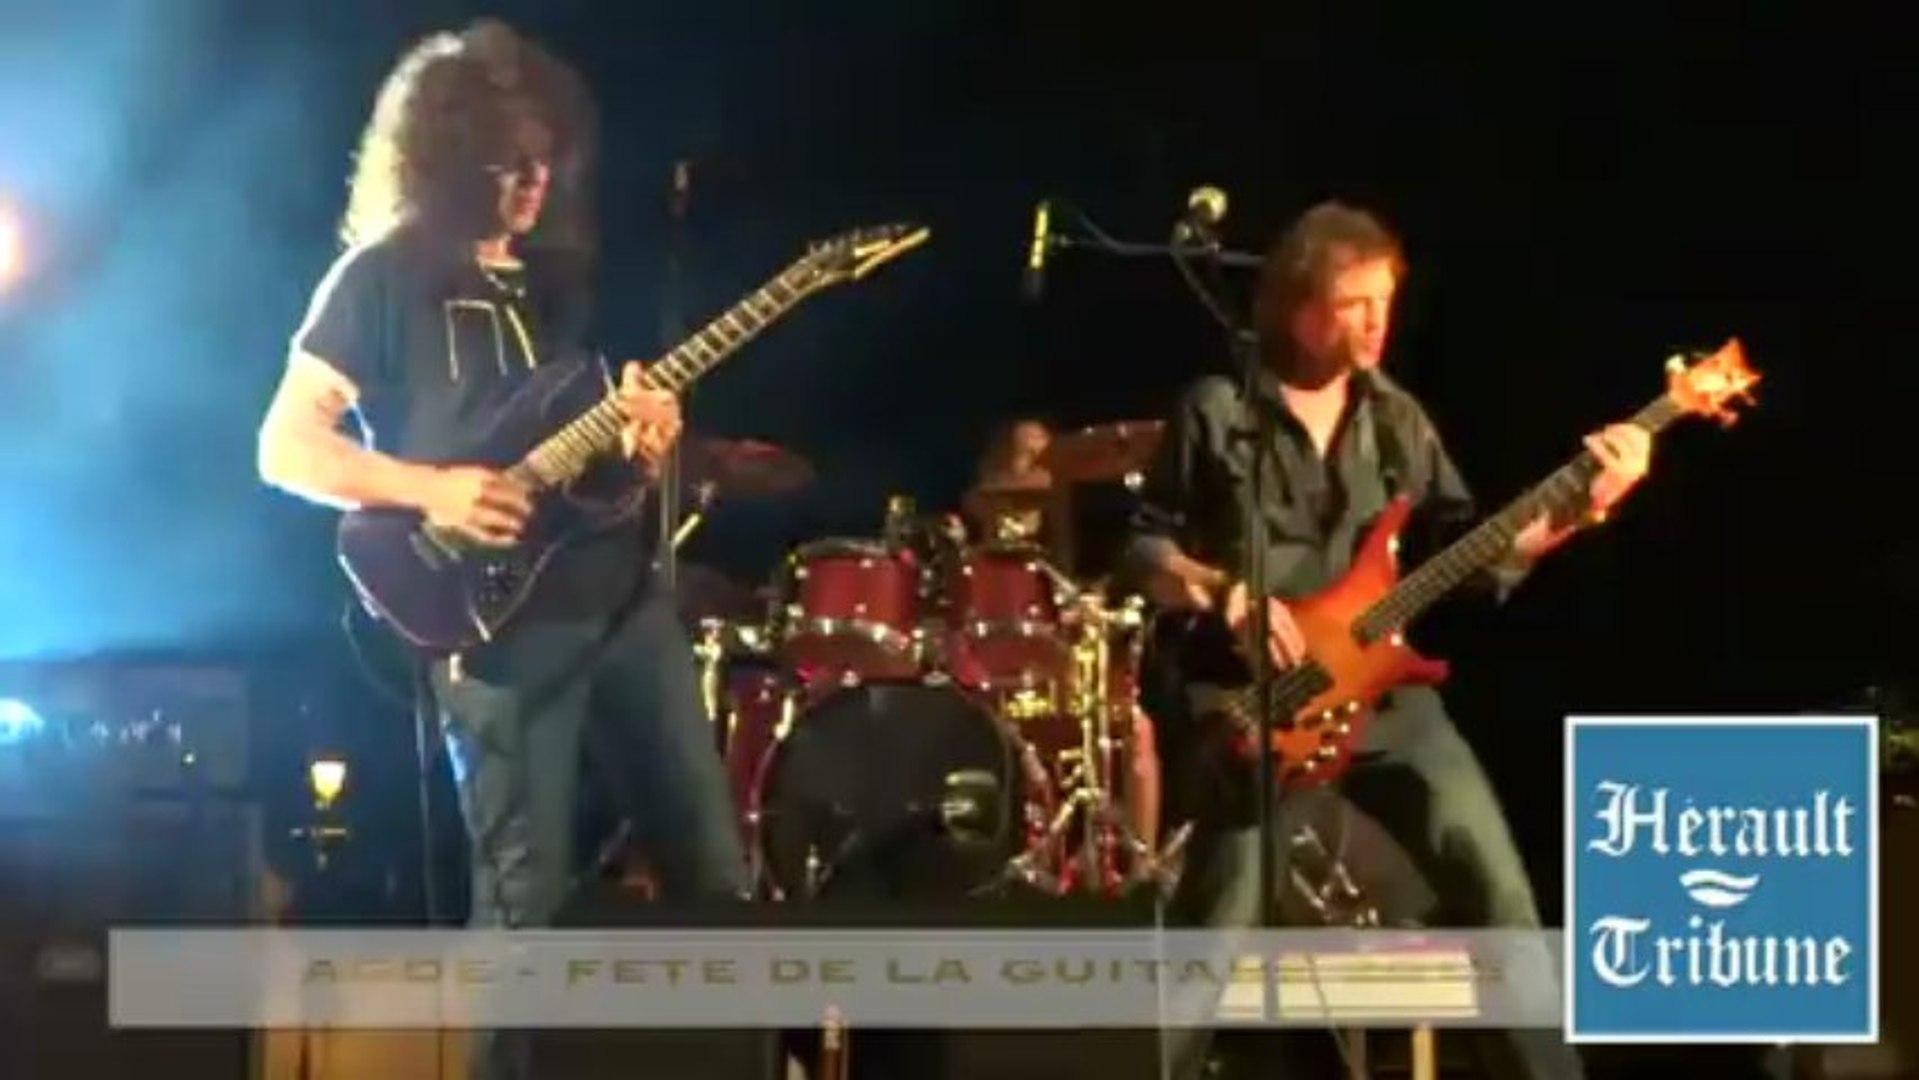 AGDE - 2013 - Franc succès pour la Nuit de la guitare 2013